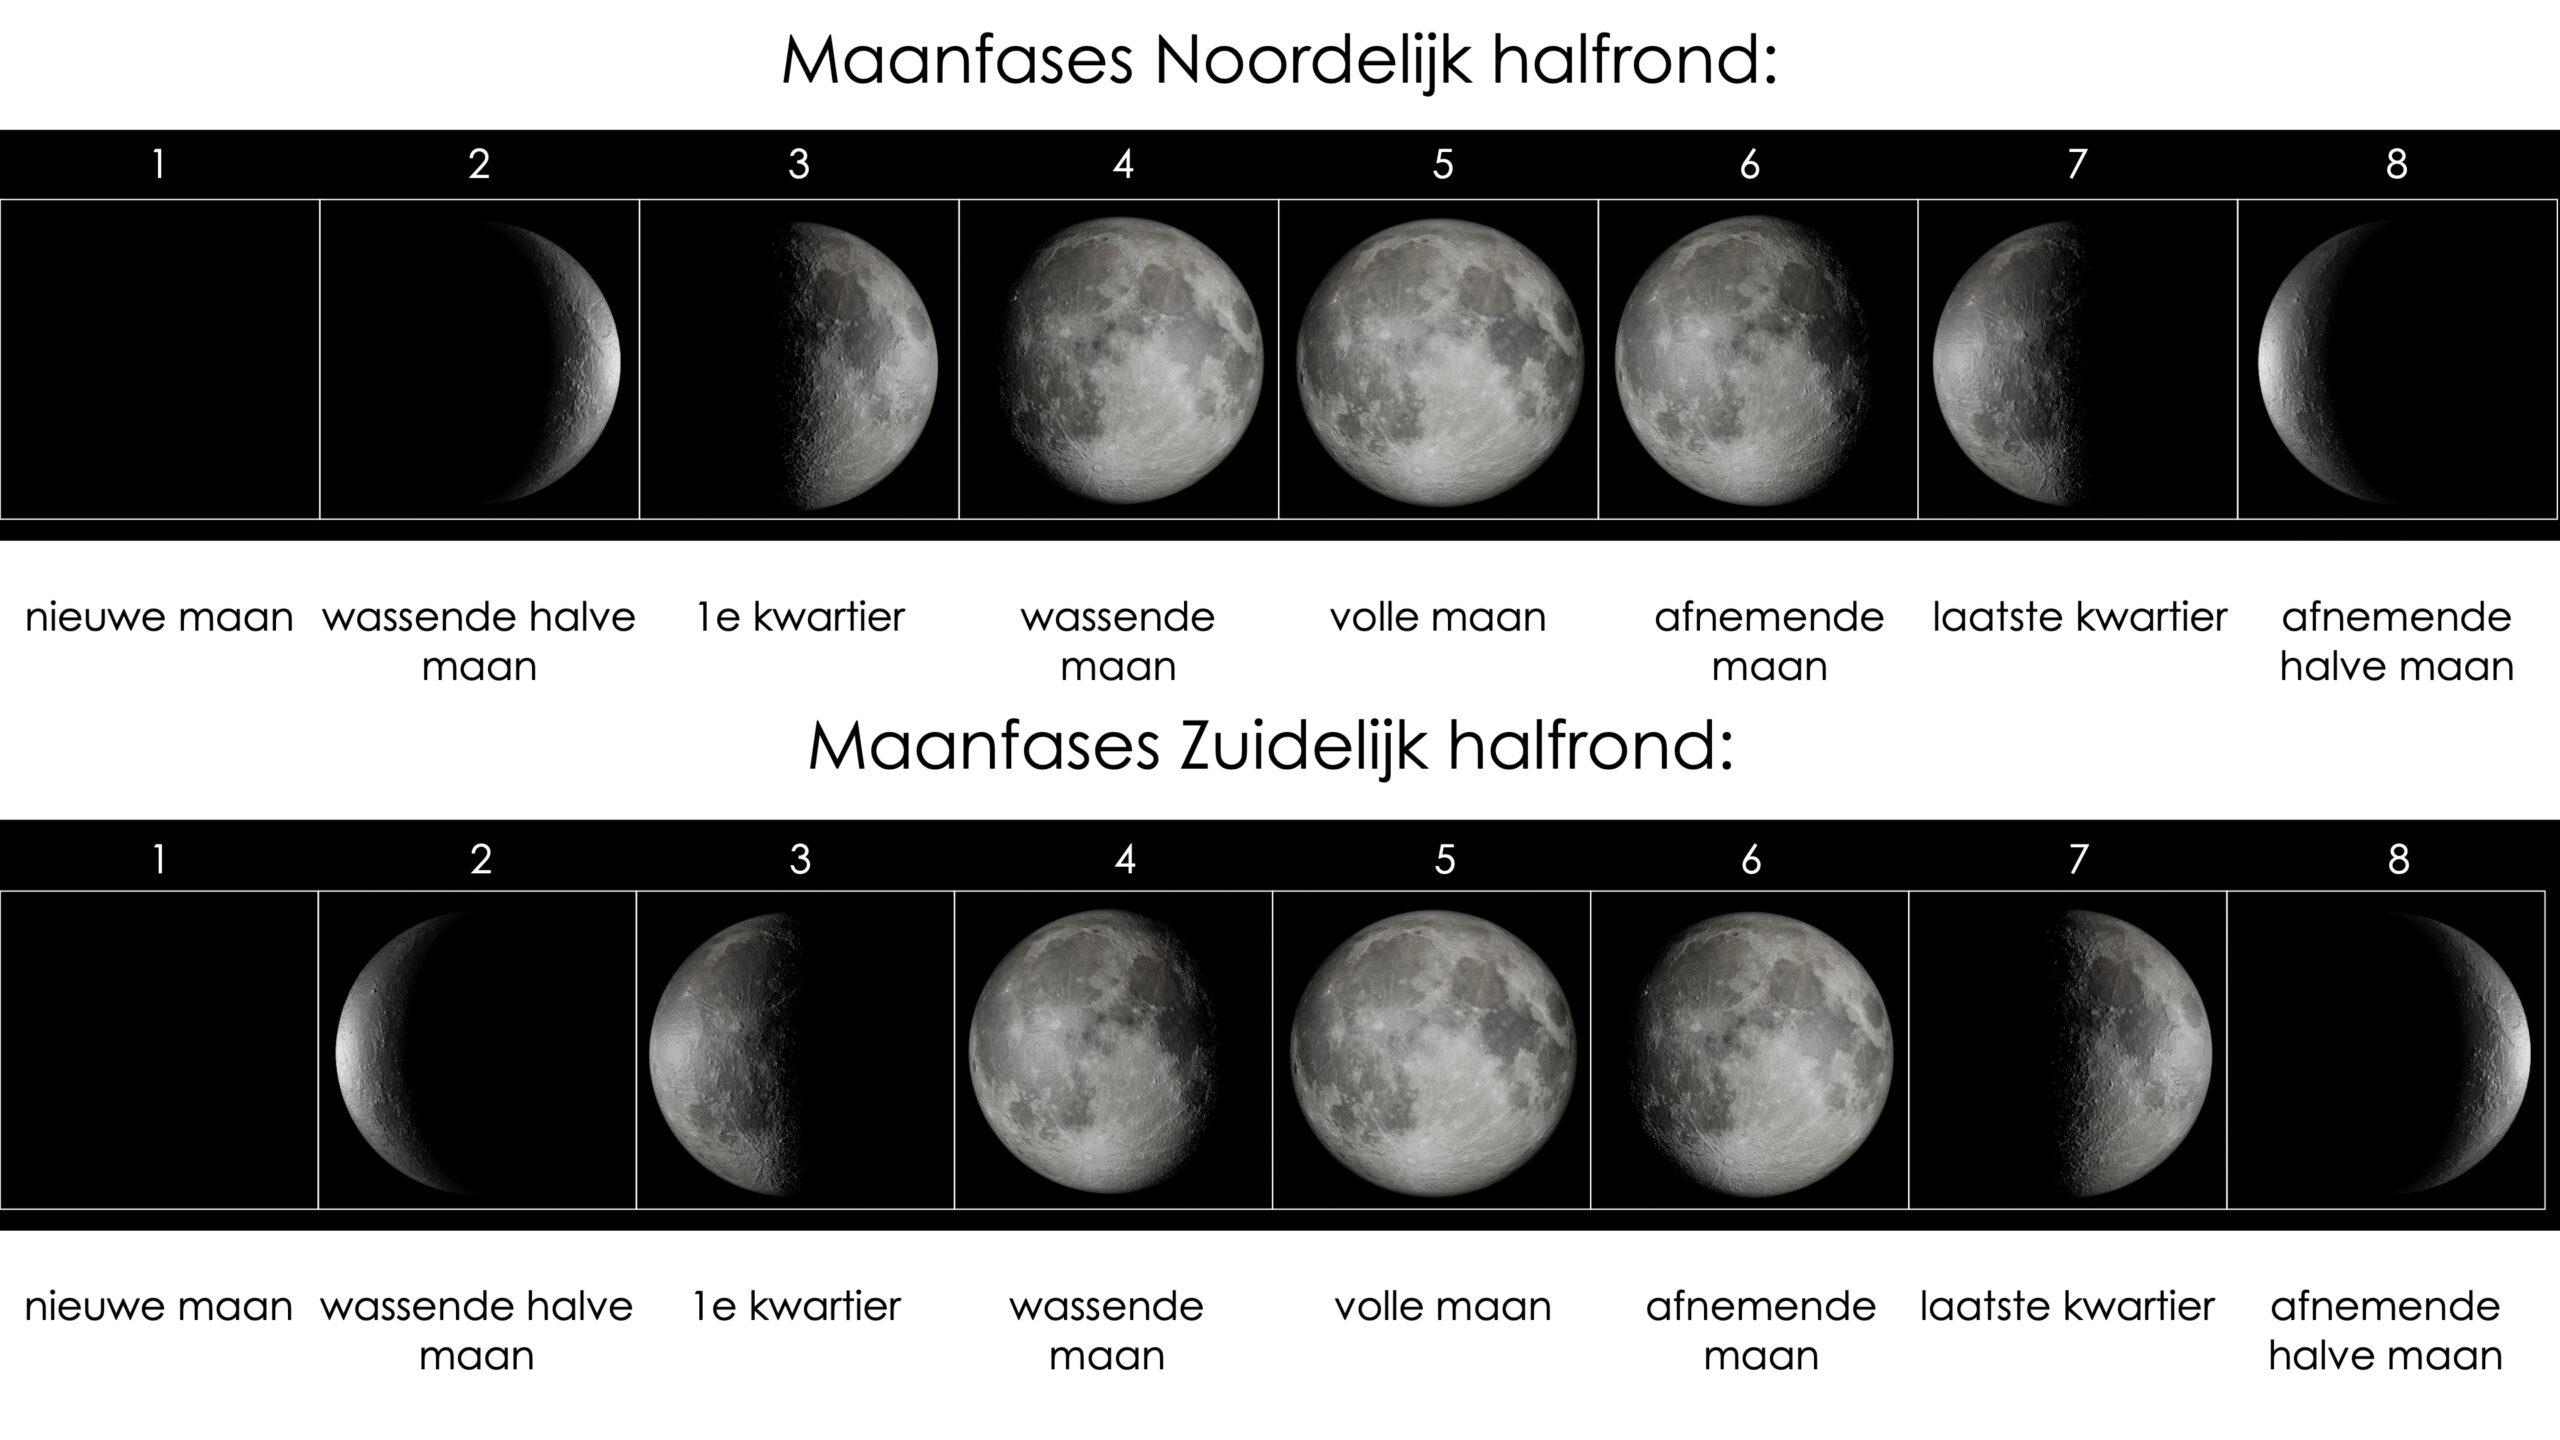 maanstanden op het noordelijk en zuidelijk halfrond